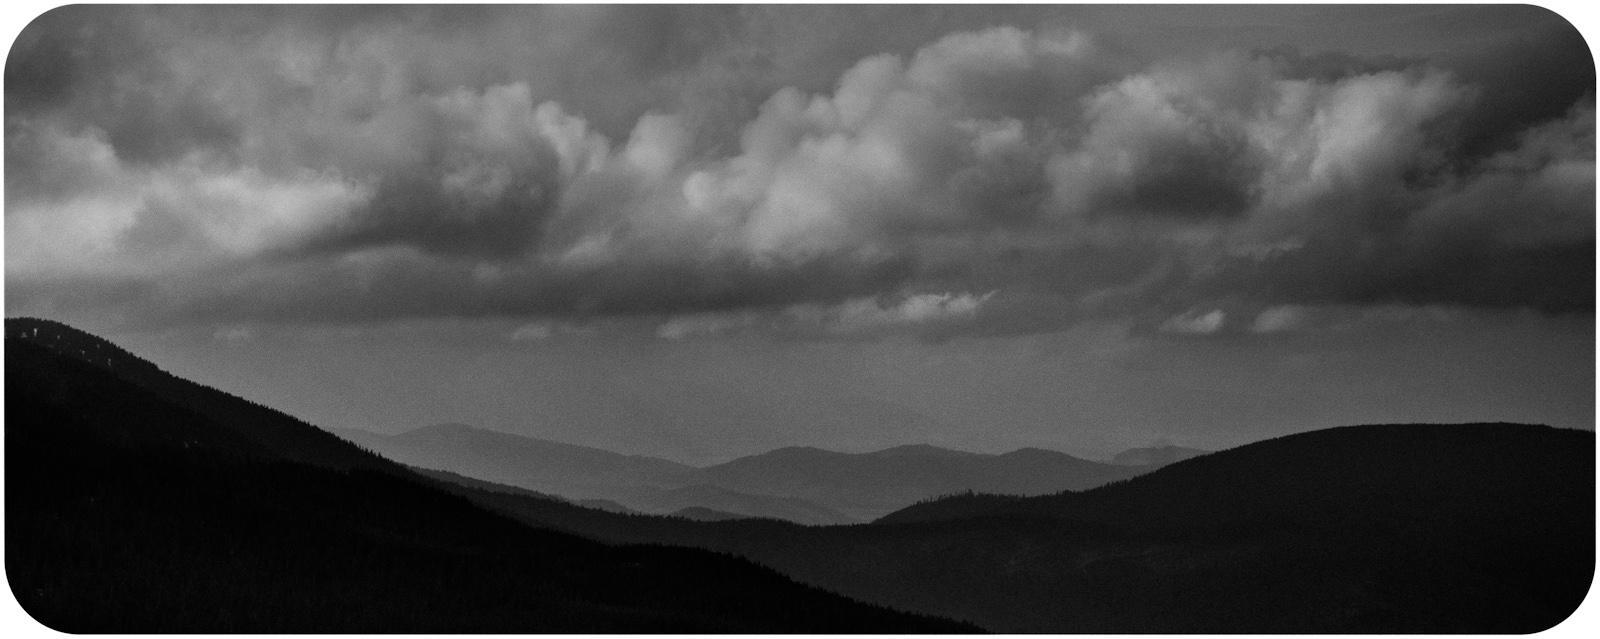 Czarnobiała fotografia krajobrazowa. Babiogórski Park Narodowy. Babia Góra, Diablak. fot. Łukasz Cyrus